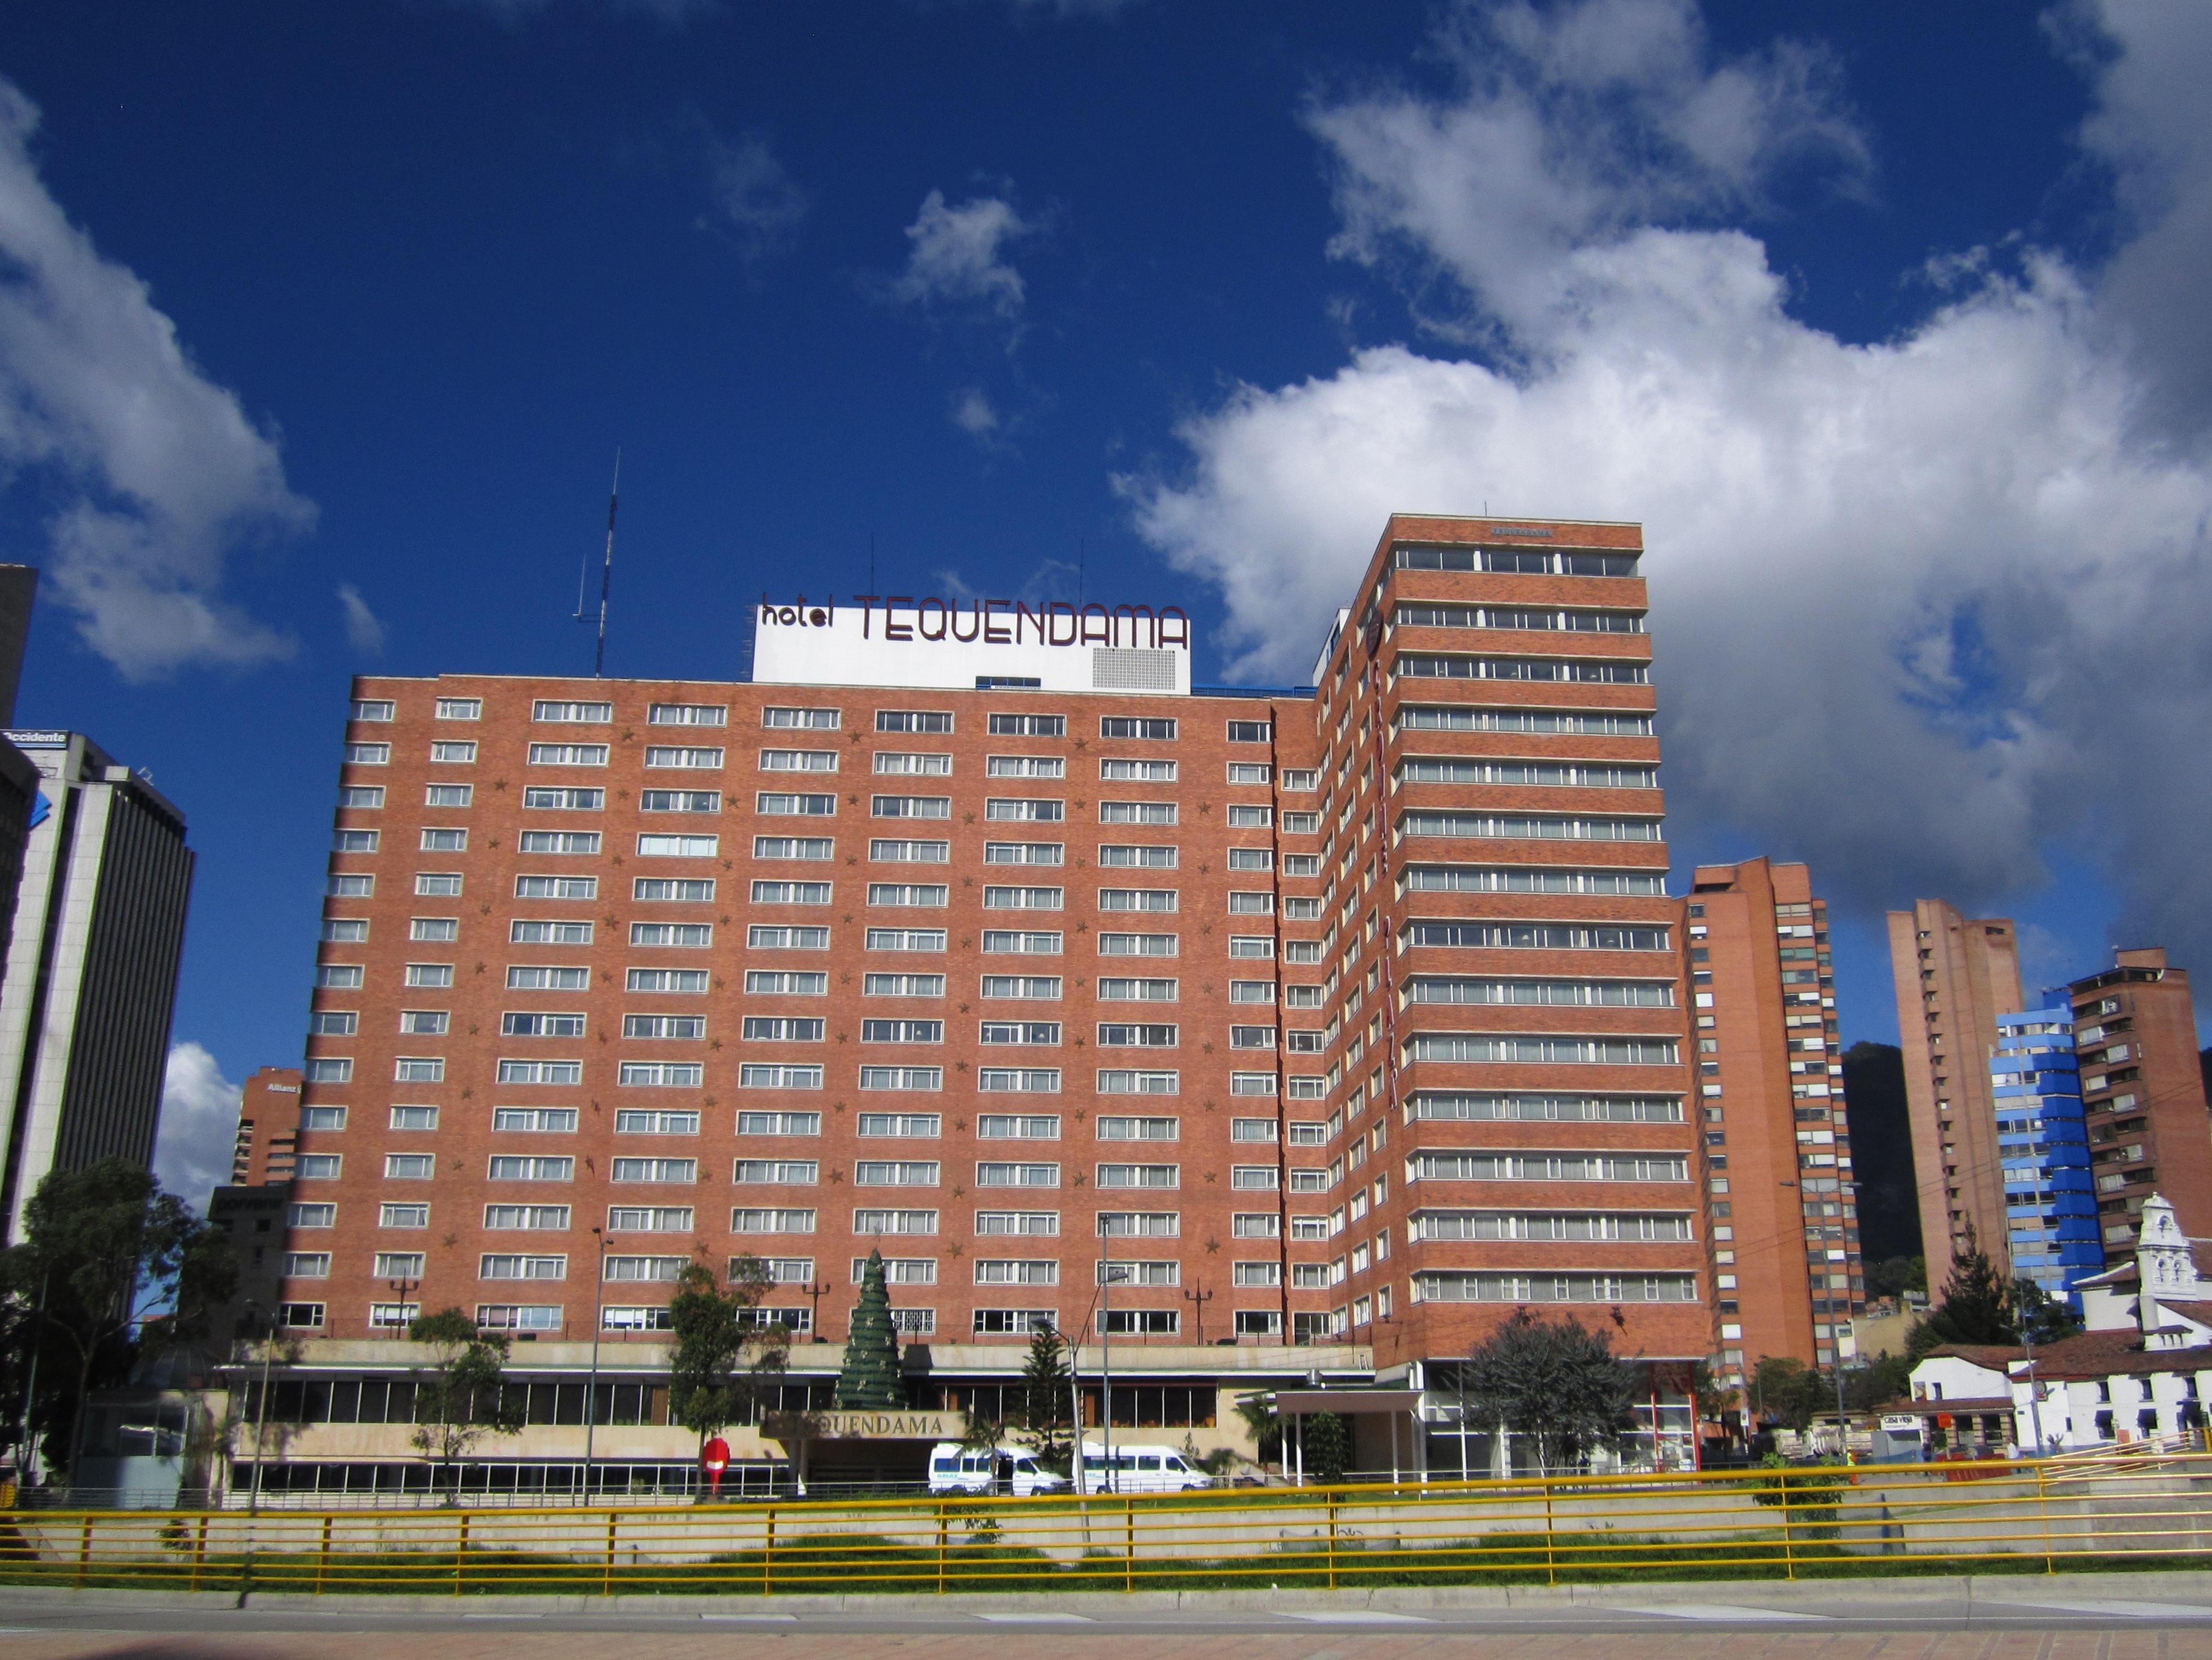 Tequendama Suites and Hotel es la primera entidad del sector hotelero en recibir dos certificaciones